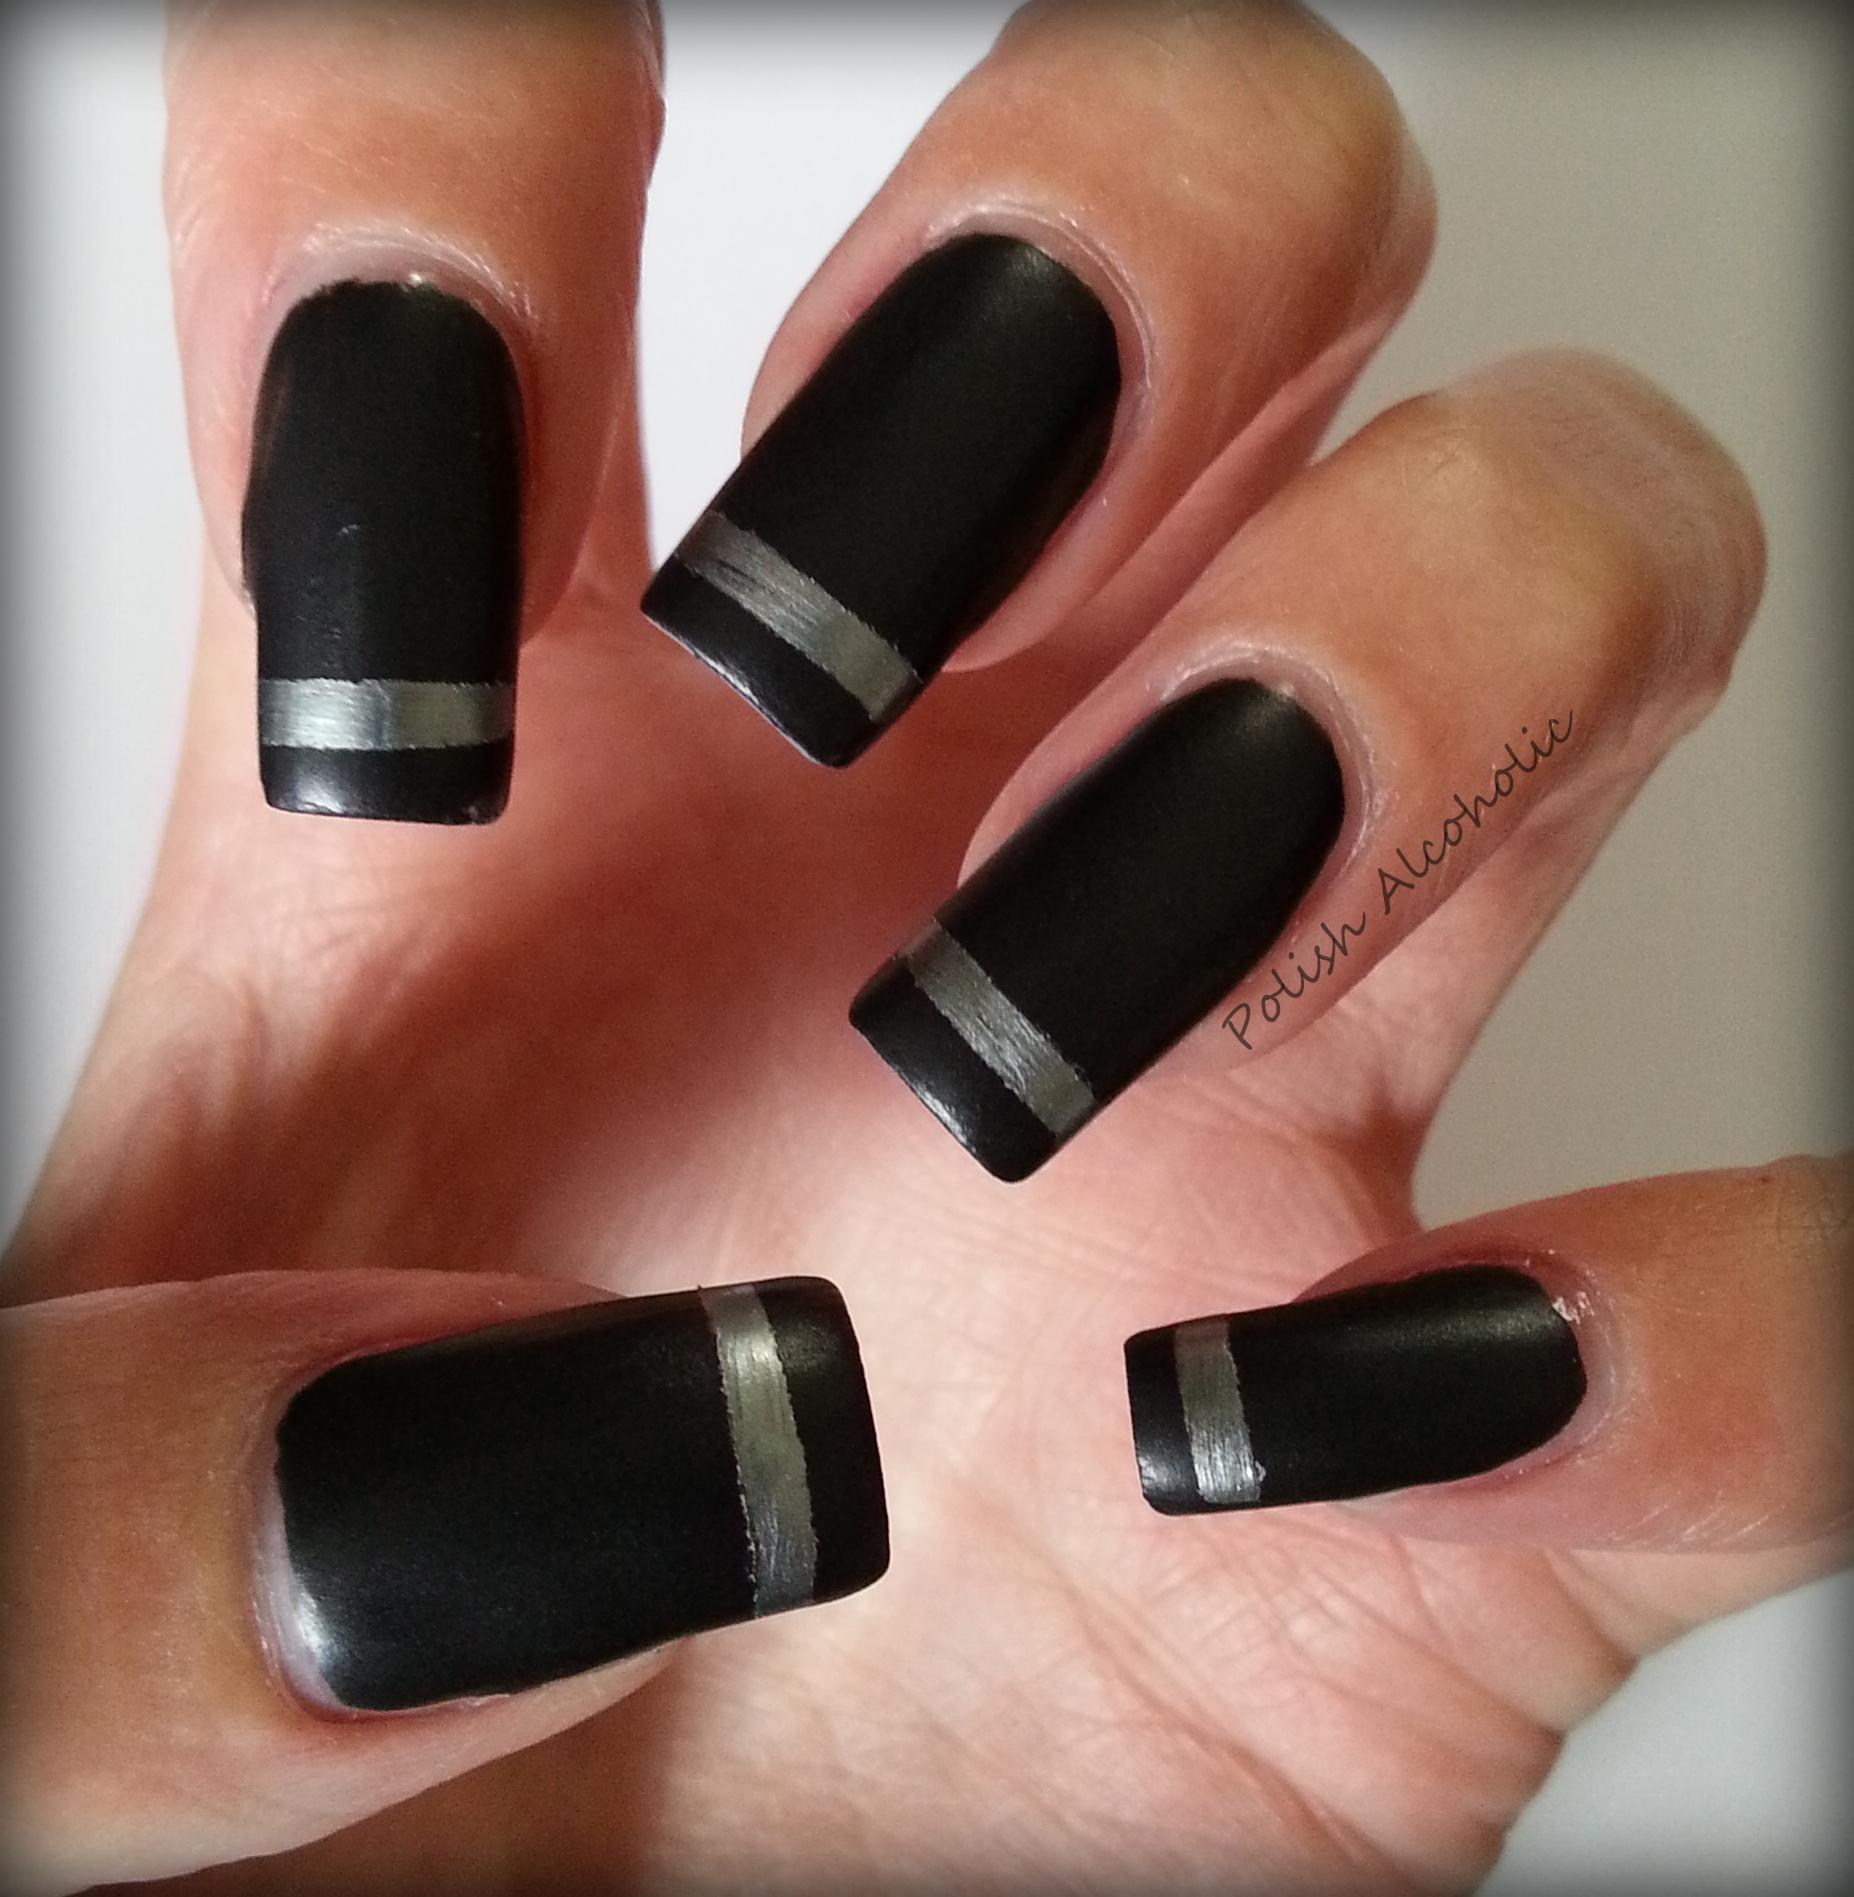 matte black nail polish | Polish Alcoholic